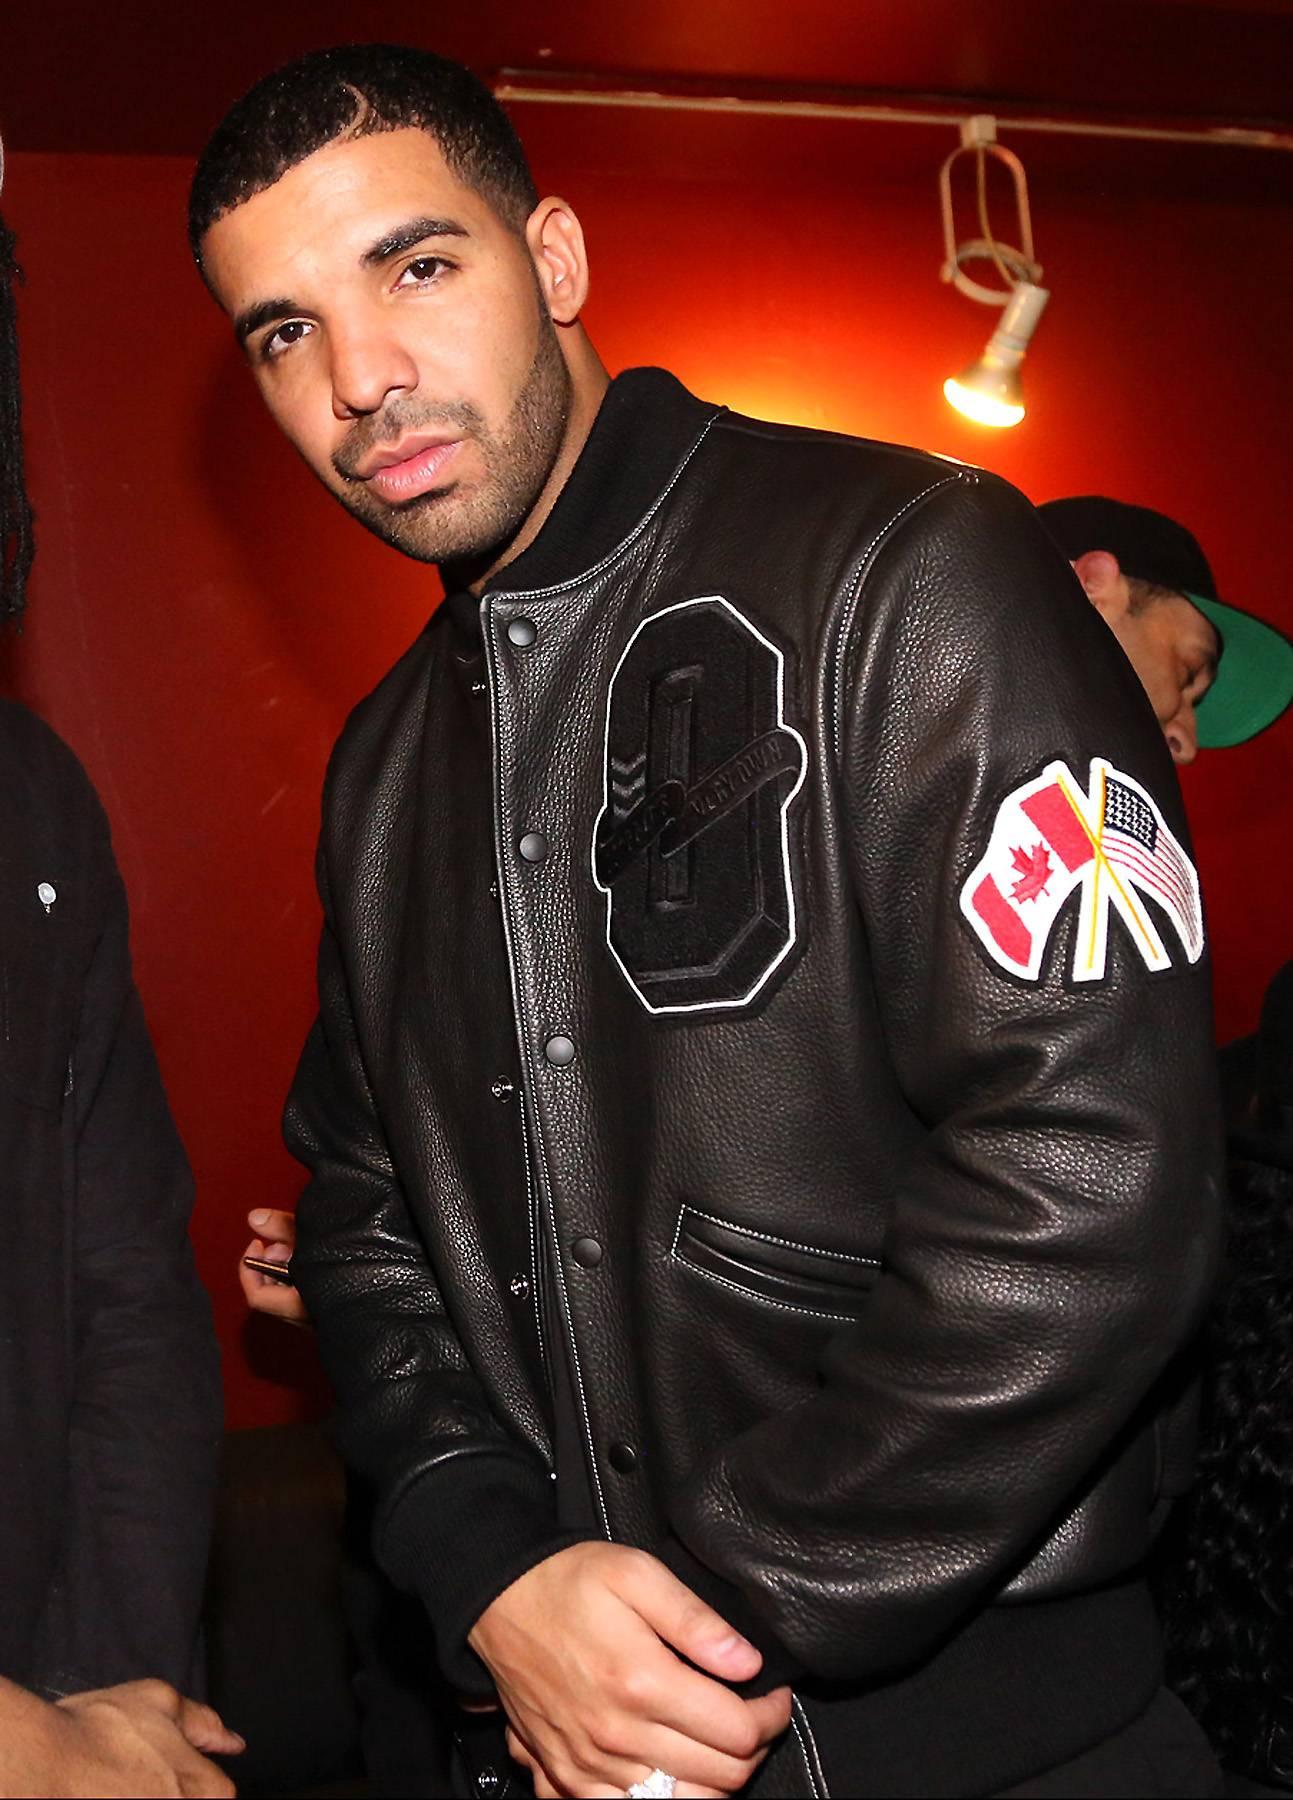 /content/dam/betcom/images/2014/10/Shows/106-and-Park-10-21-10-31/102714-shows-106-park-buzz-Drake.jpg